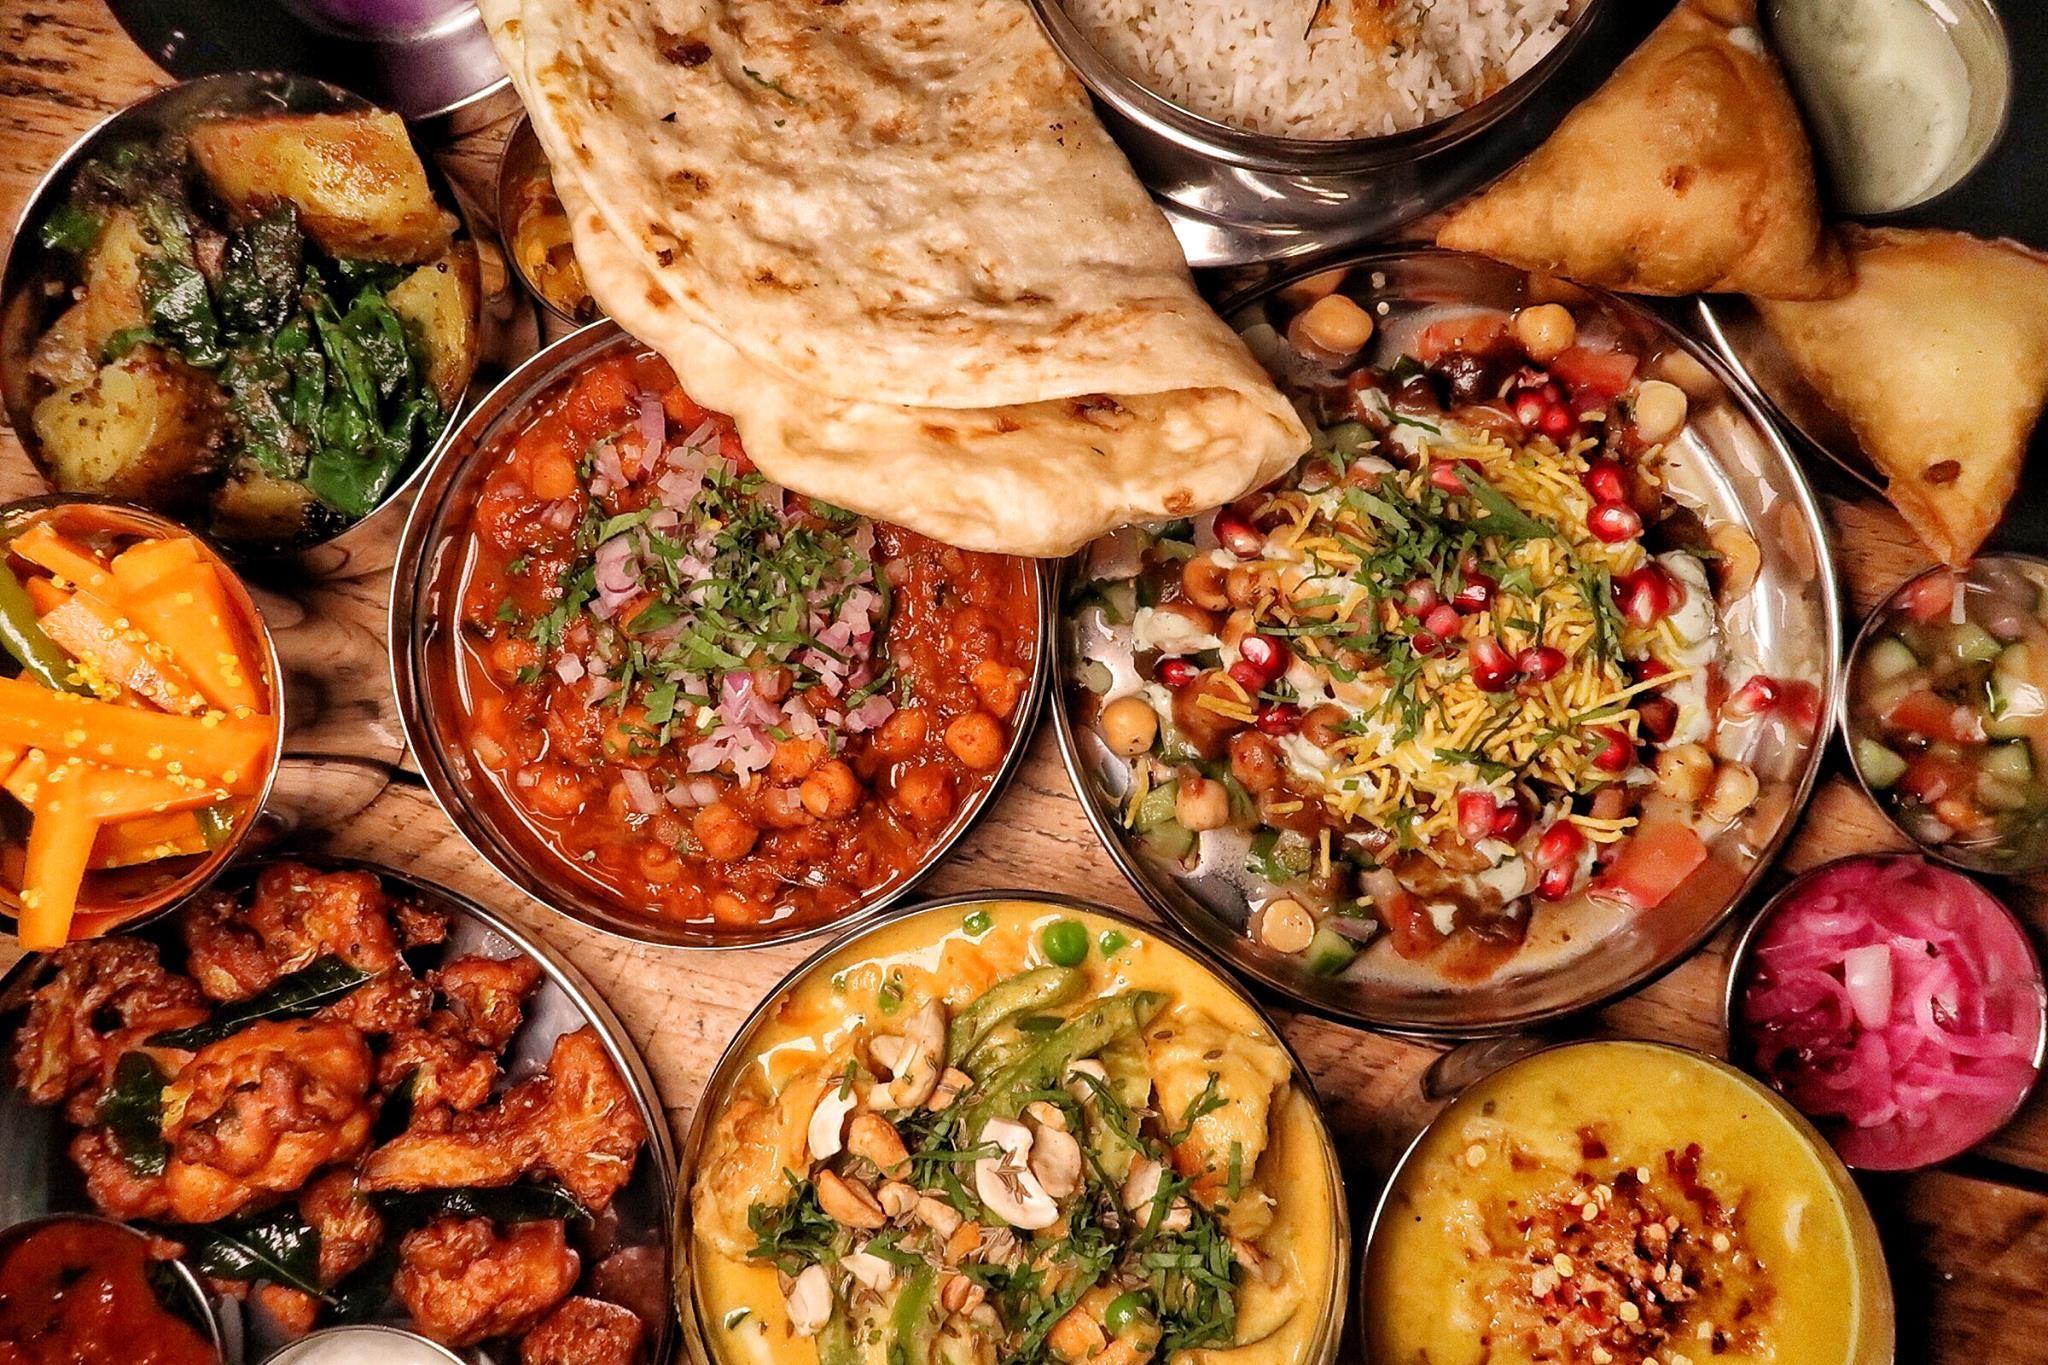 Order Food Online Home Food Delivery Near Me In Cedar Rapids Restaurants In Cedar Rapids Food Order Food Home Food